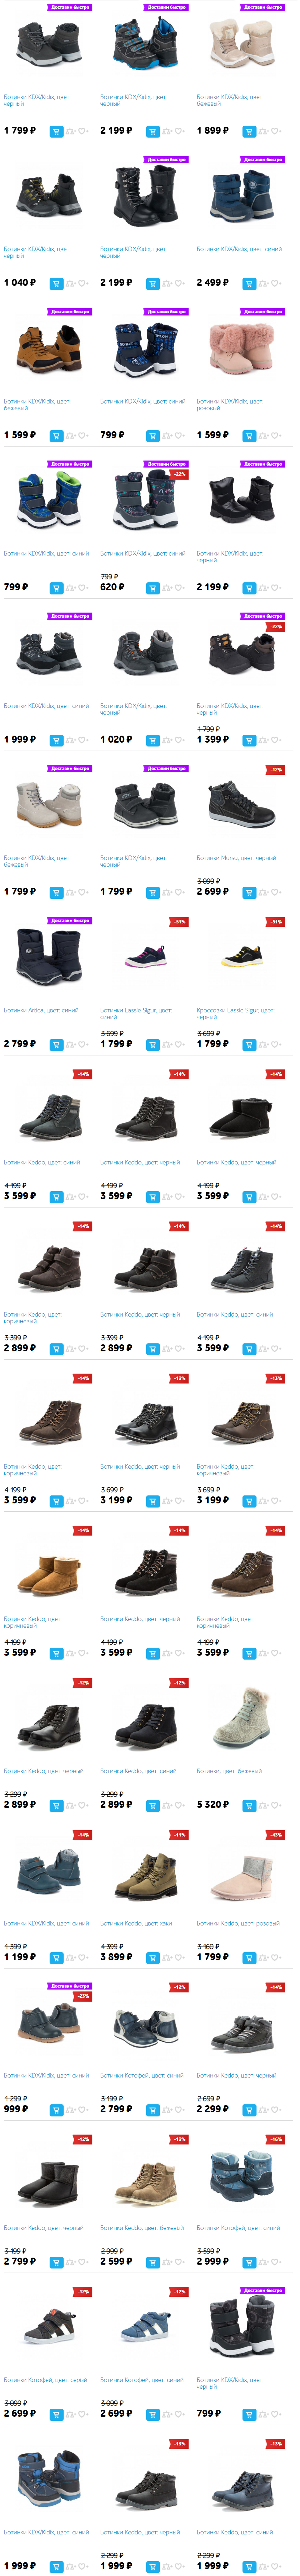 Детские ботинки в каталоге Дочки-Сыночки Омутнинск